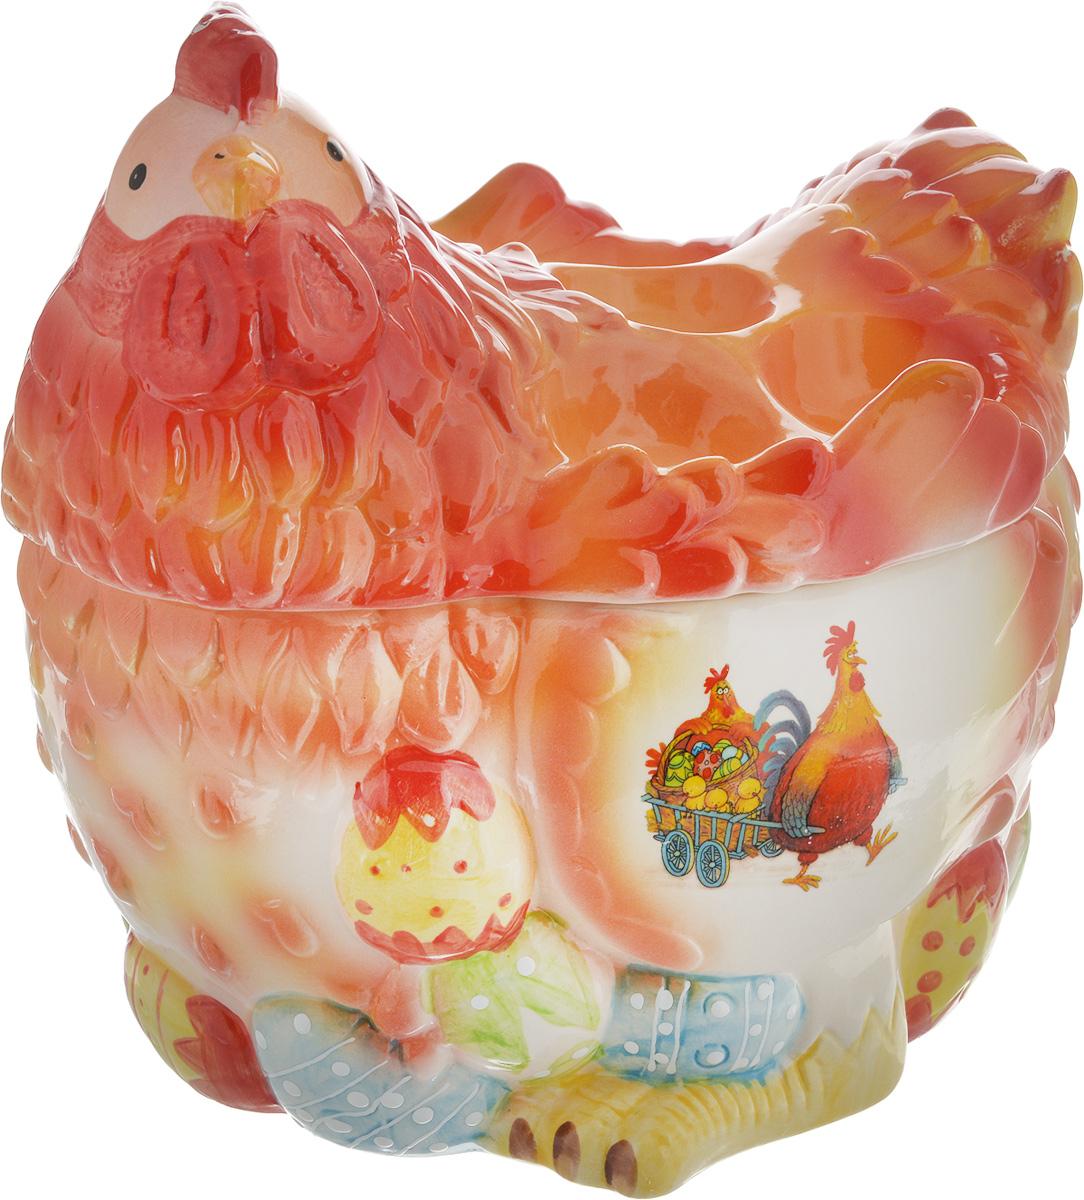 Ваза Win Max Курочка, для пасхальных яиц и угощений, 24 х 26 х 20 см14023Ваза Win Max изготовлена из высококачественной керамики с глазурованным покрытием и оформлена рельефным рисунком. Изделие дополнено крышкой, которая выполнена в виде фигурки курочки. На крышке расположено 5 подставок для яиц. Оригинальный дизайн украсит интерьер вашей кухни, а функциональность порадует любую хозяйку. Размеры емкости (без учета крышки): 24 х 20 х 13 смВысота крышки: 13 см